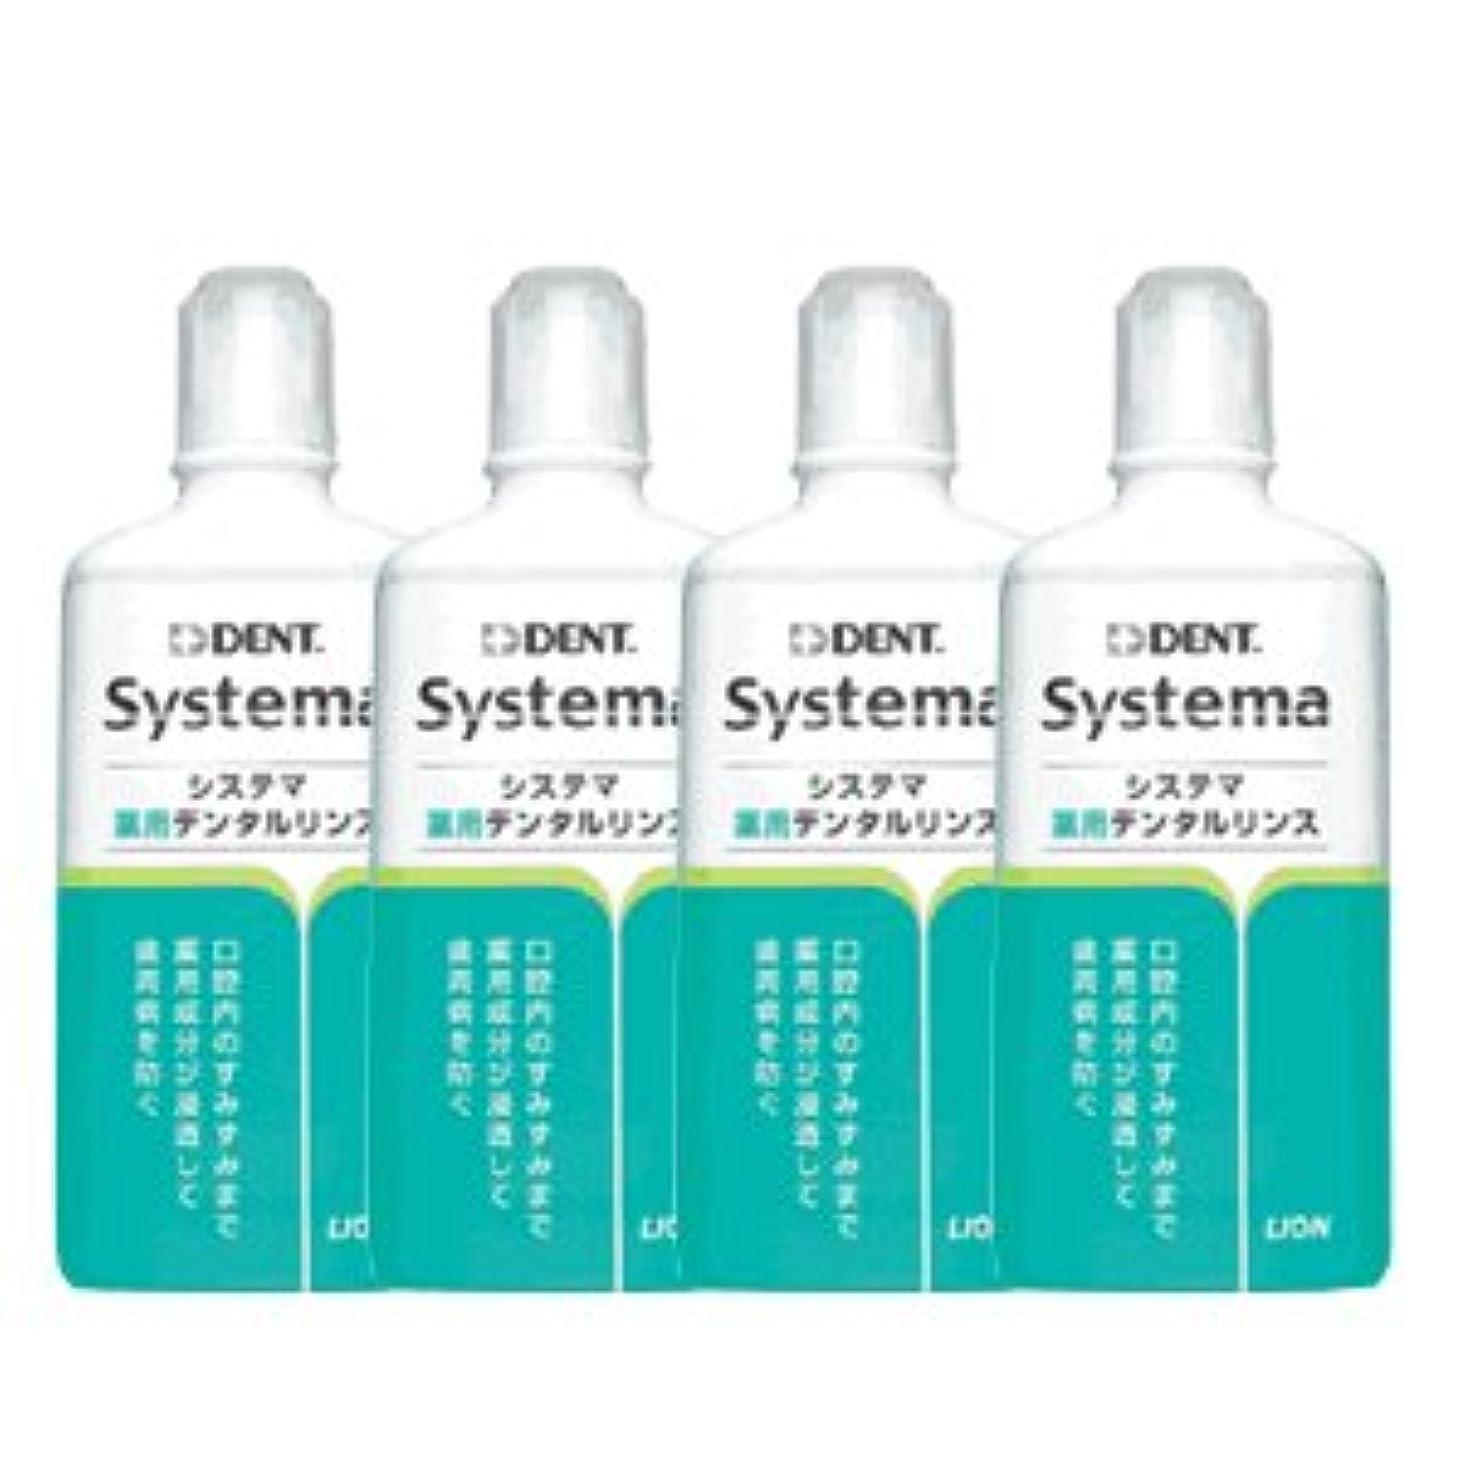 他のバンドでコーデリアビットライオン システマ 薬用 デンタルリンス 450ml レギュラータイプ 4本セット 医薬部外品